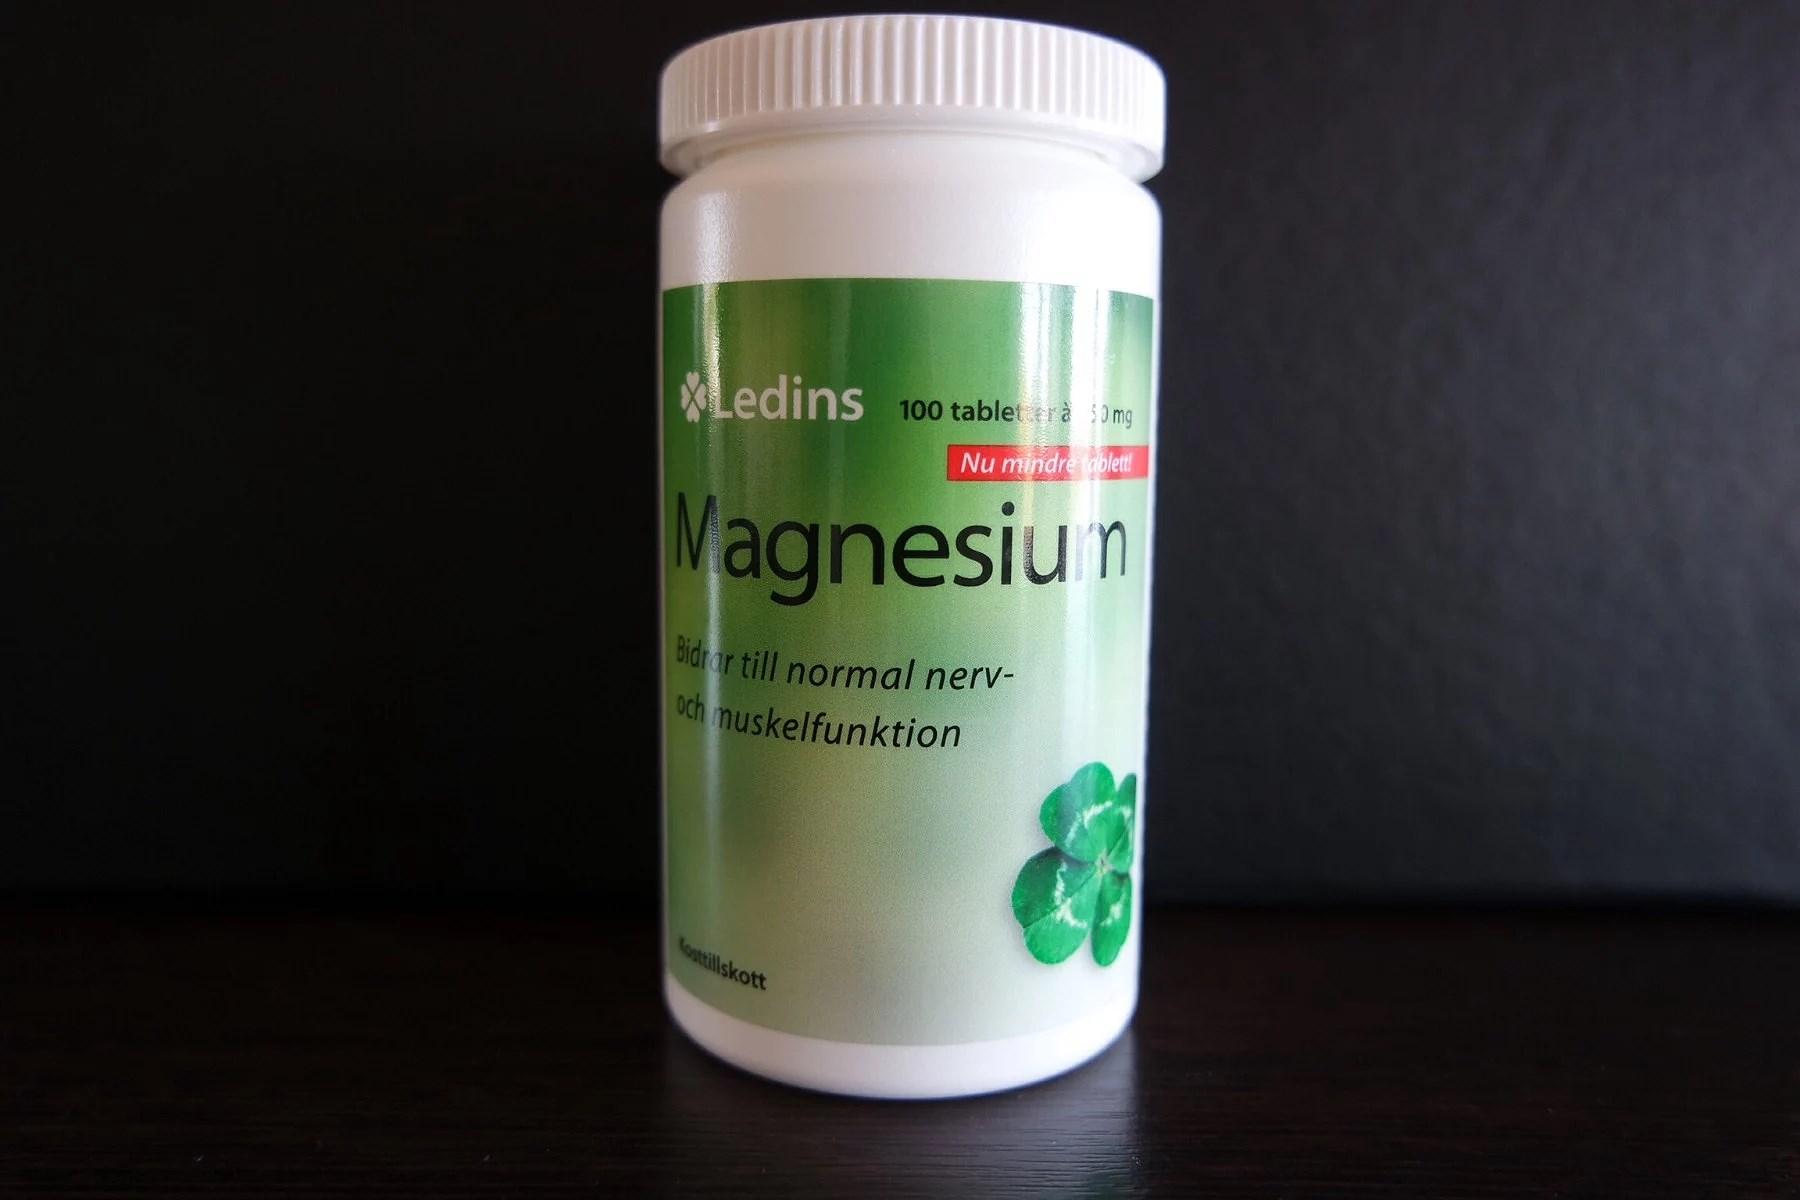 10 tecken på magnesiumbrist